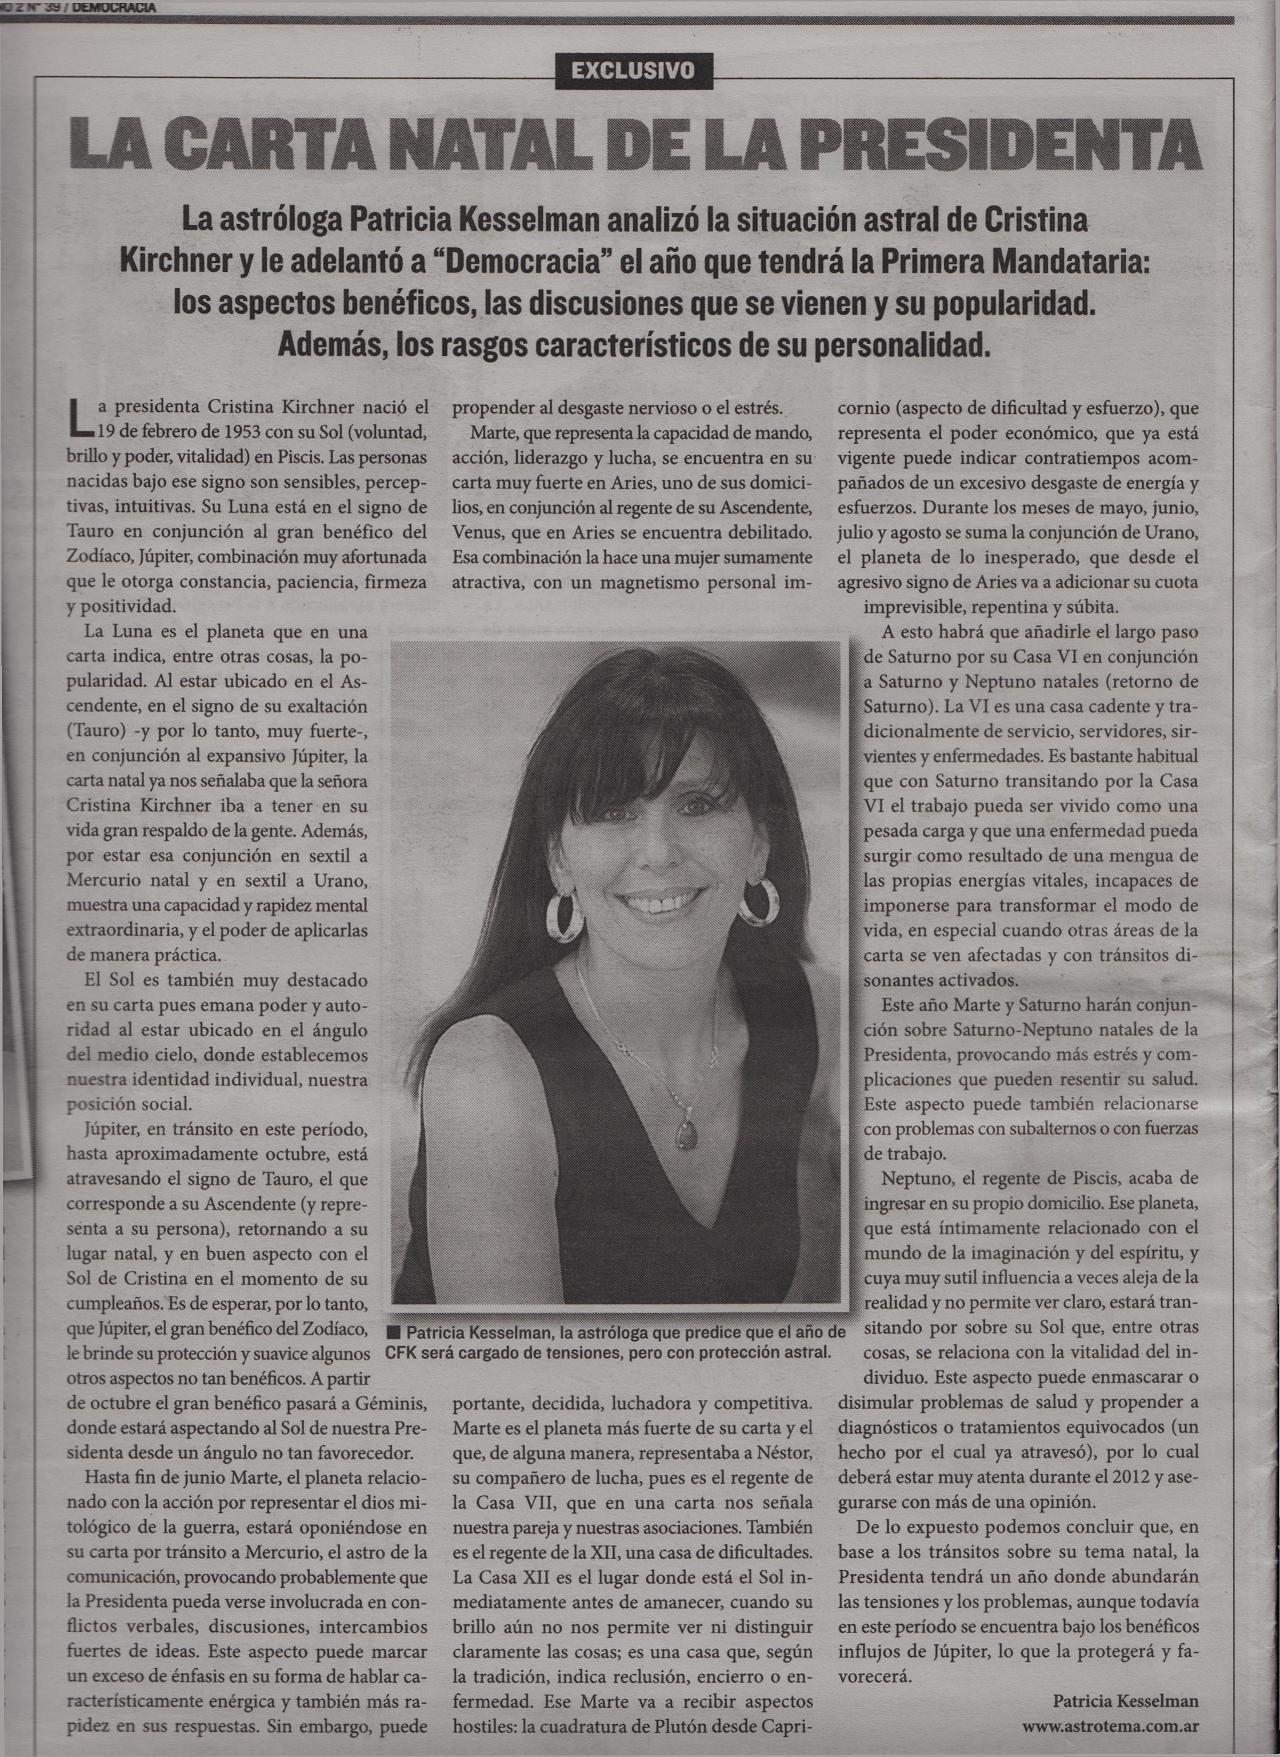 Prensa: Revista Democracia del diario Crónica - Buenos Aires 14/02/2012